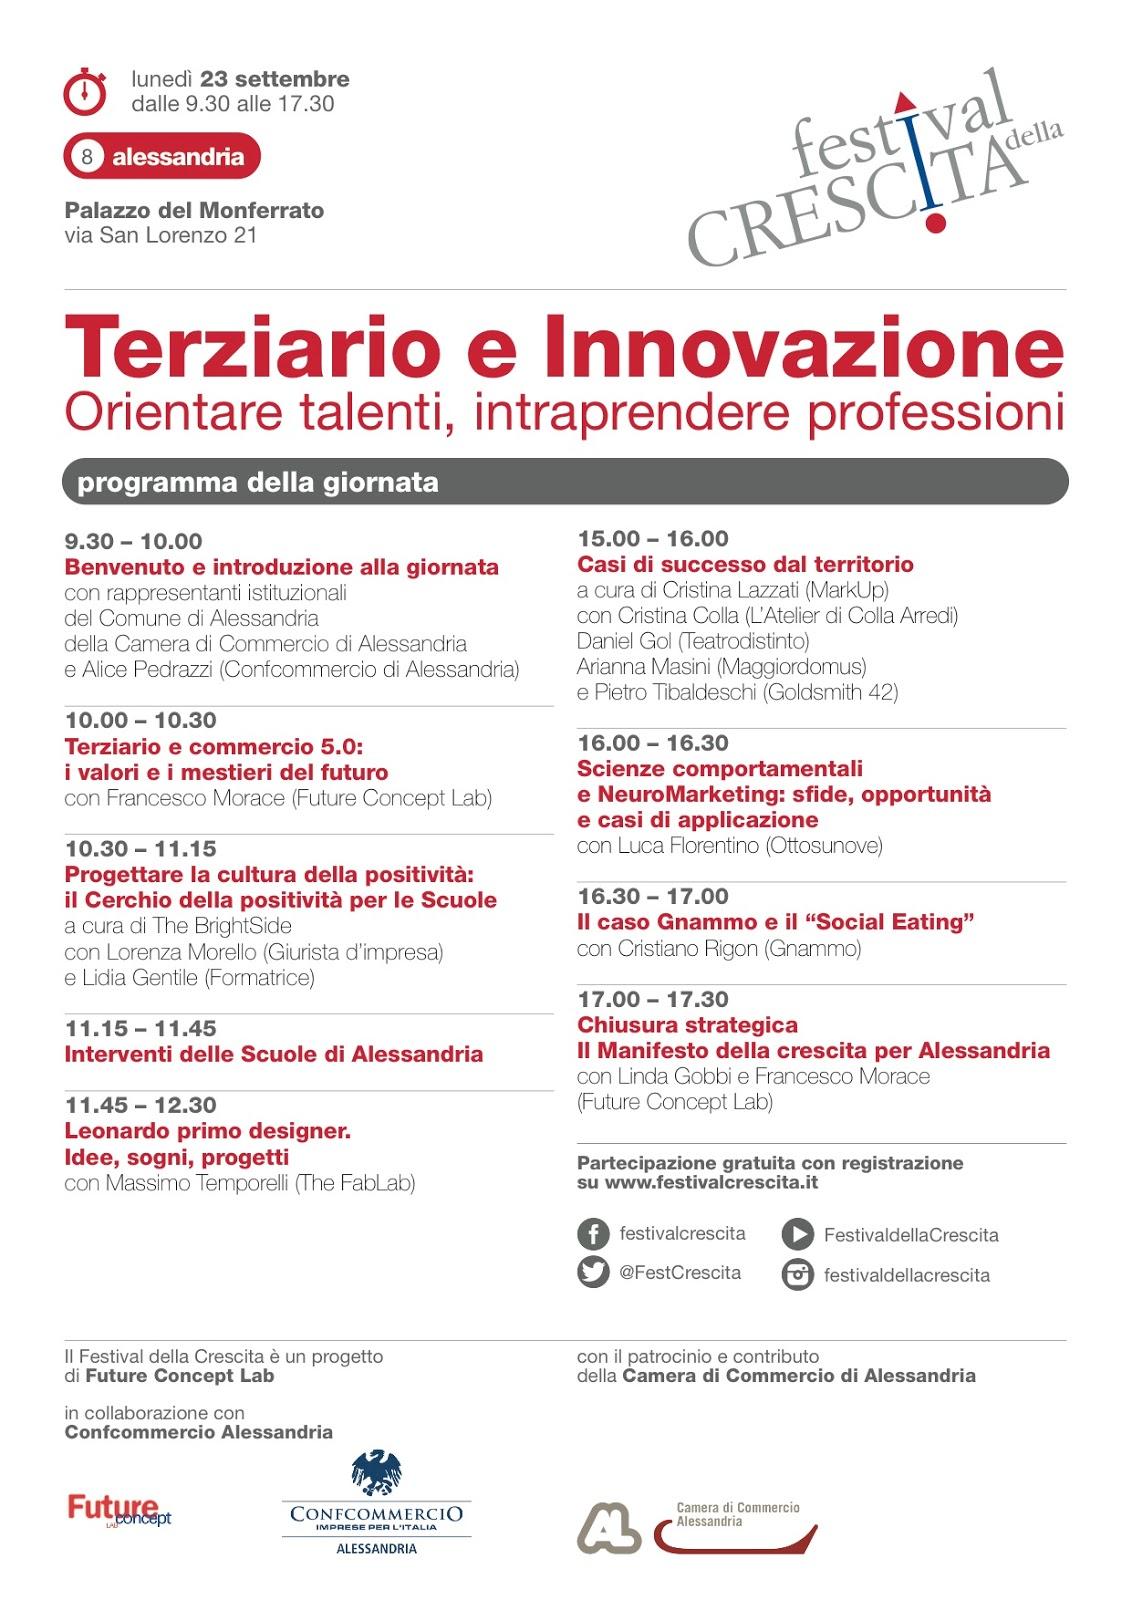 Palazzo Del Monferrato Festival Della Crescita Terziario E Innovazione